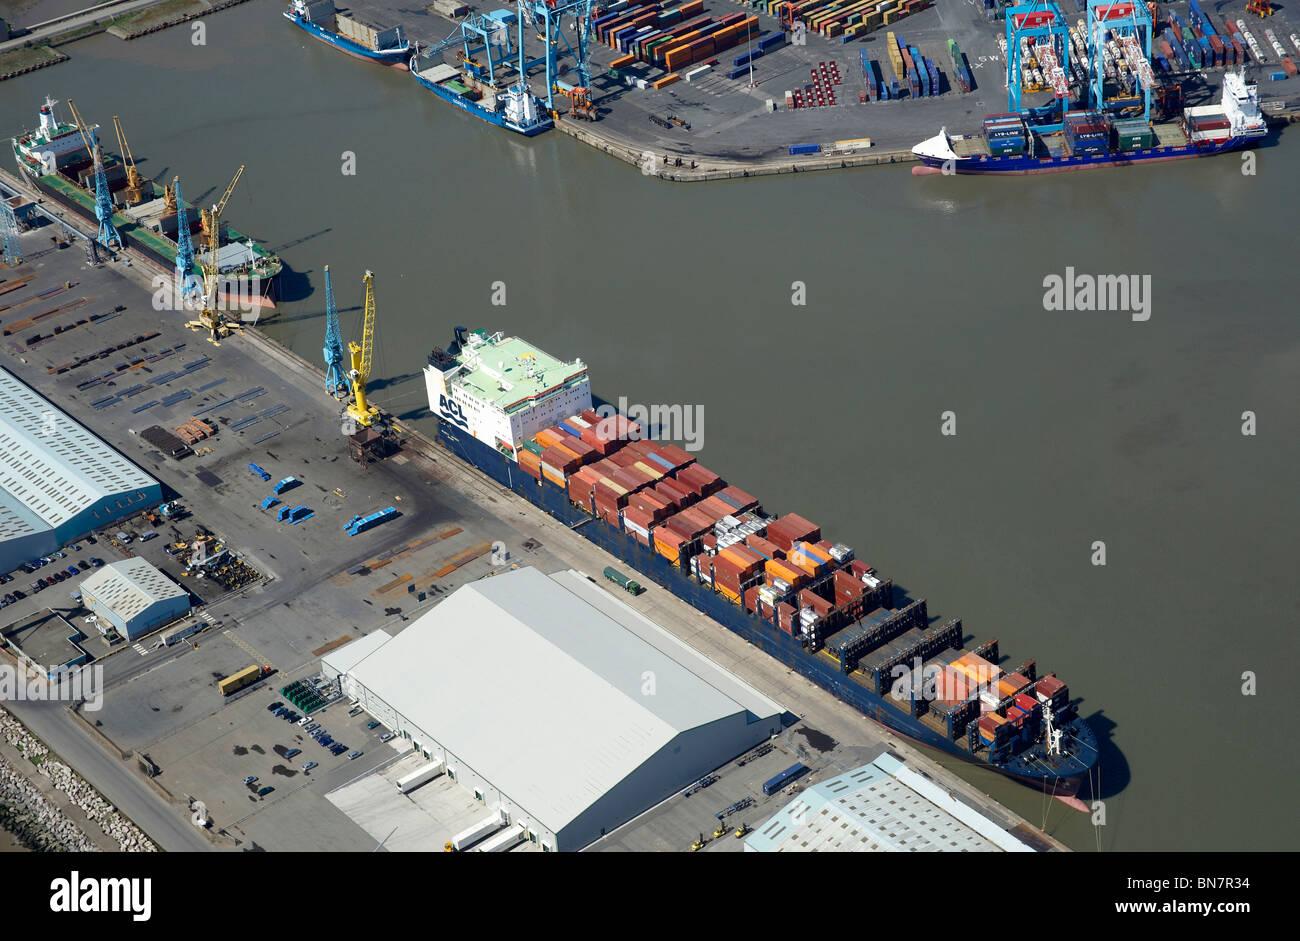 Liverpool Docks e sul fiume Mersey dall'aria, Nord Ovest Inghilterra Immagini Stock